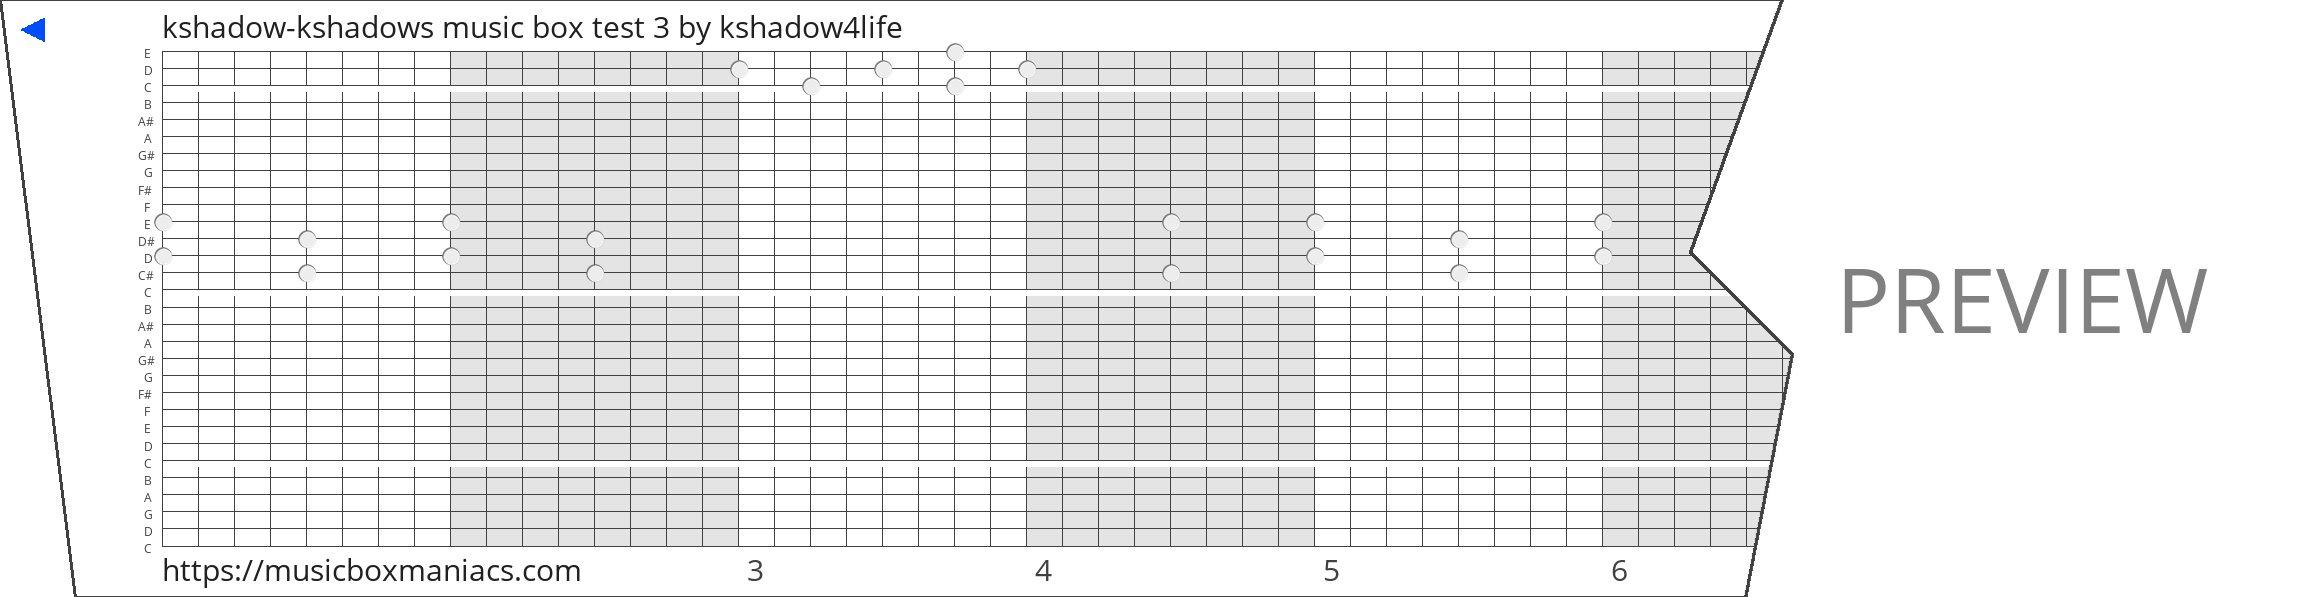 kshadow-kshadows music box test 3 30 note music box paper strip